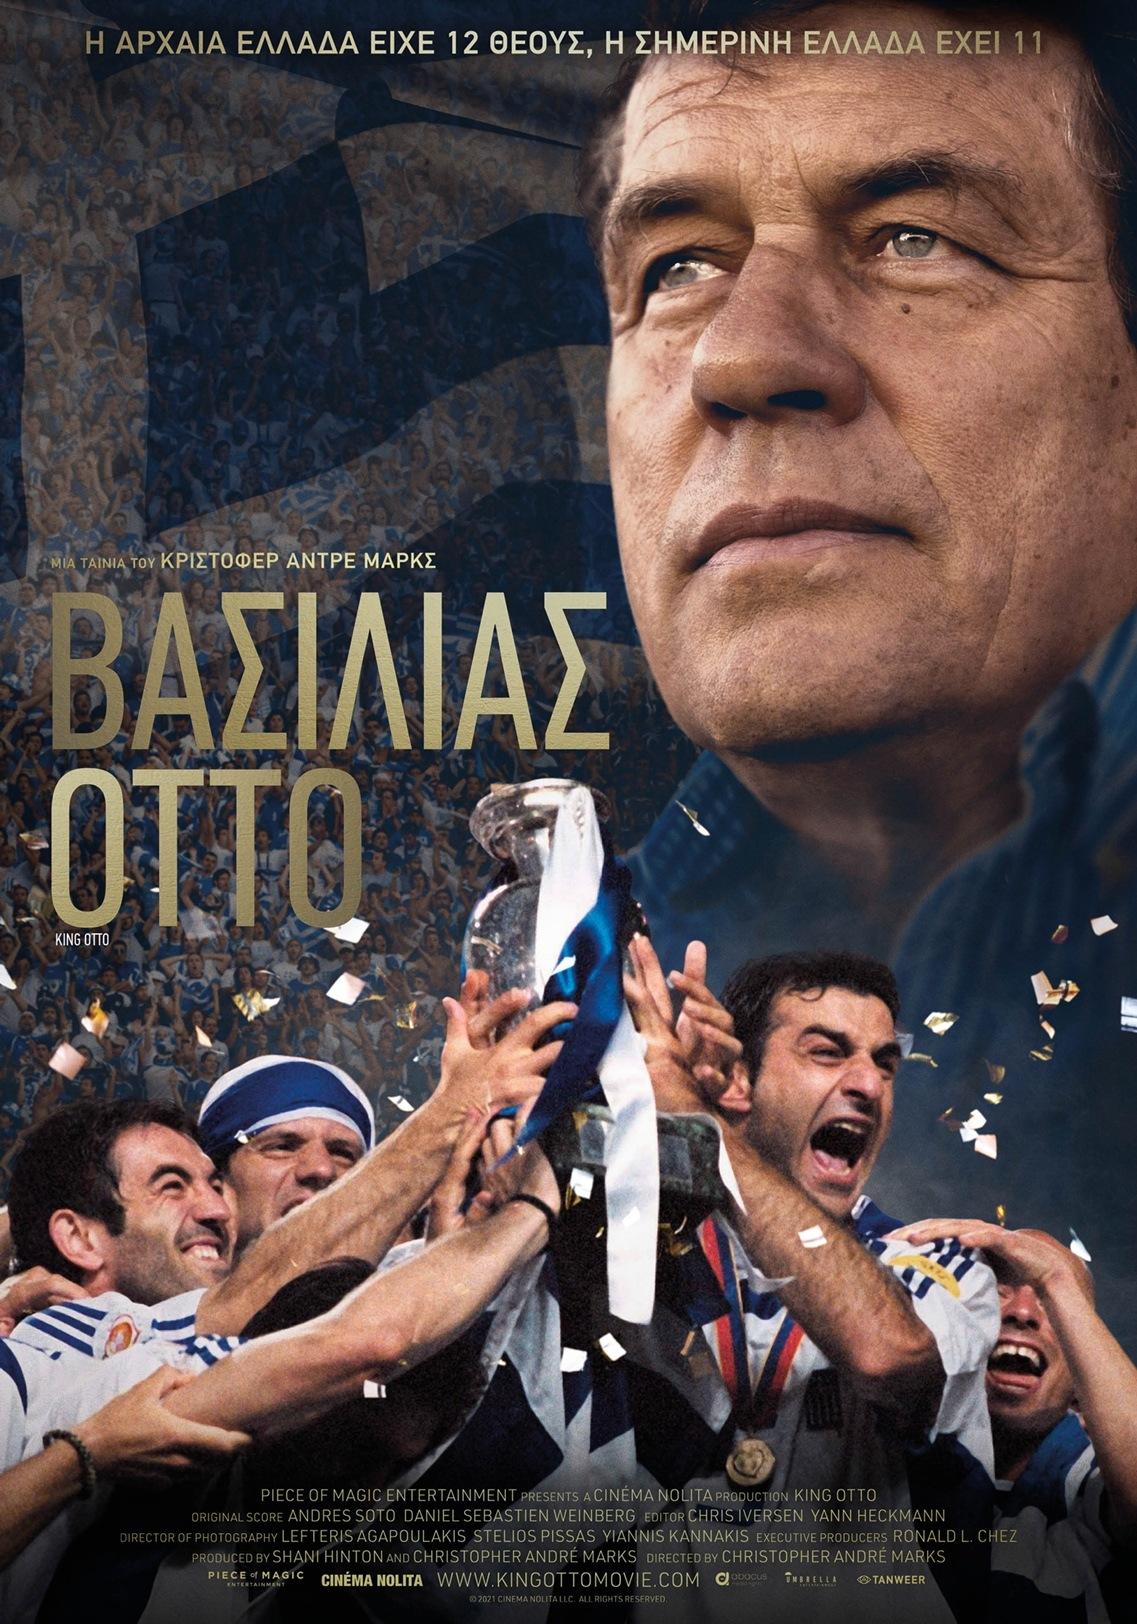 ΒΑΣΙΛΙΑΣ ΟΤΤΟ King Otto Poster Online Use 1